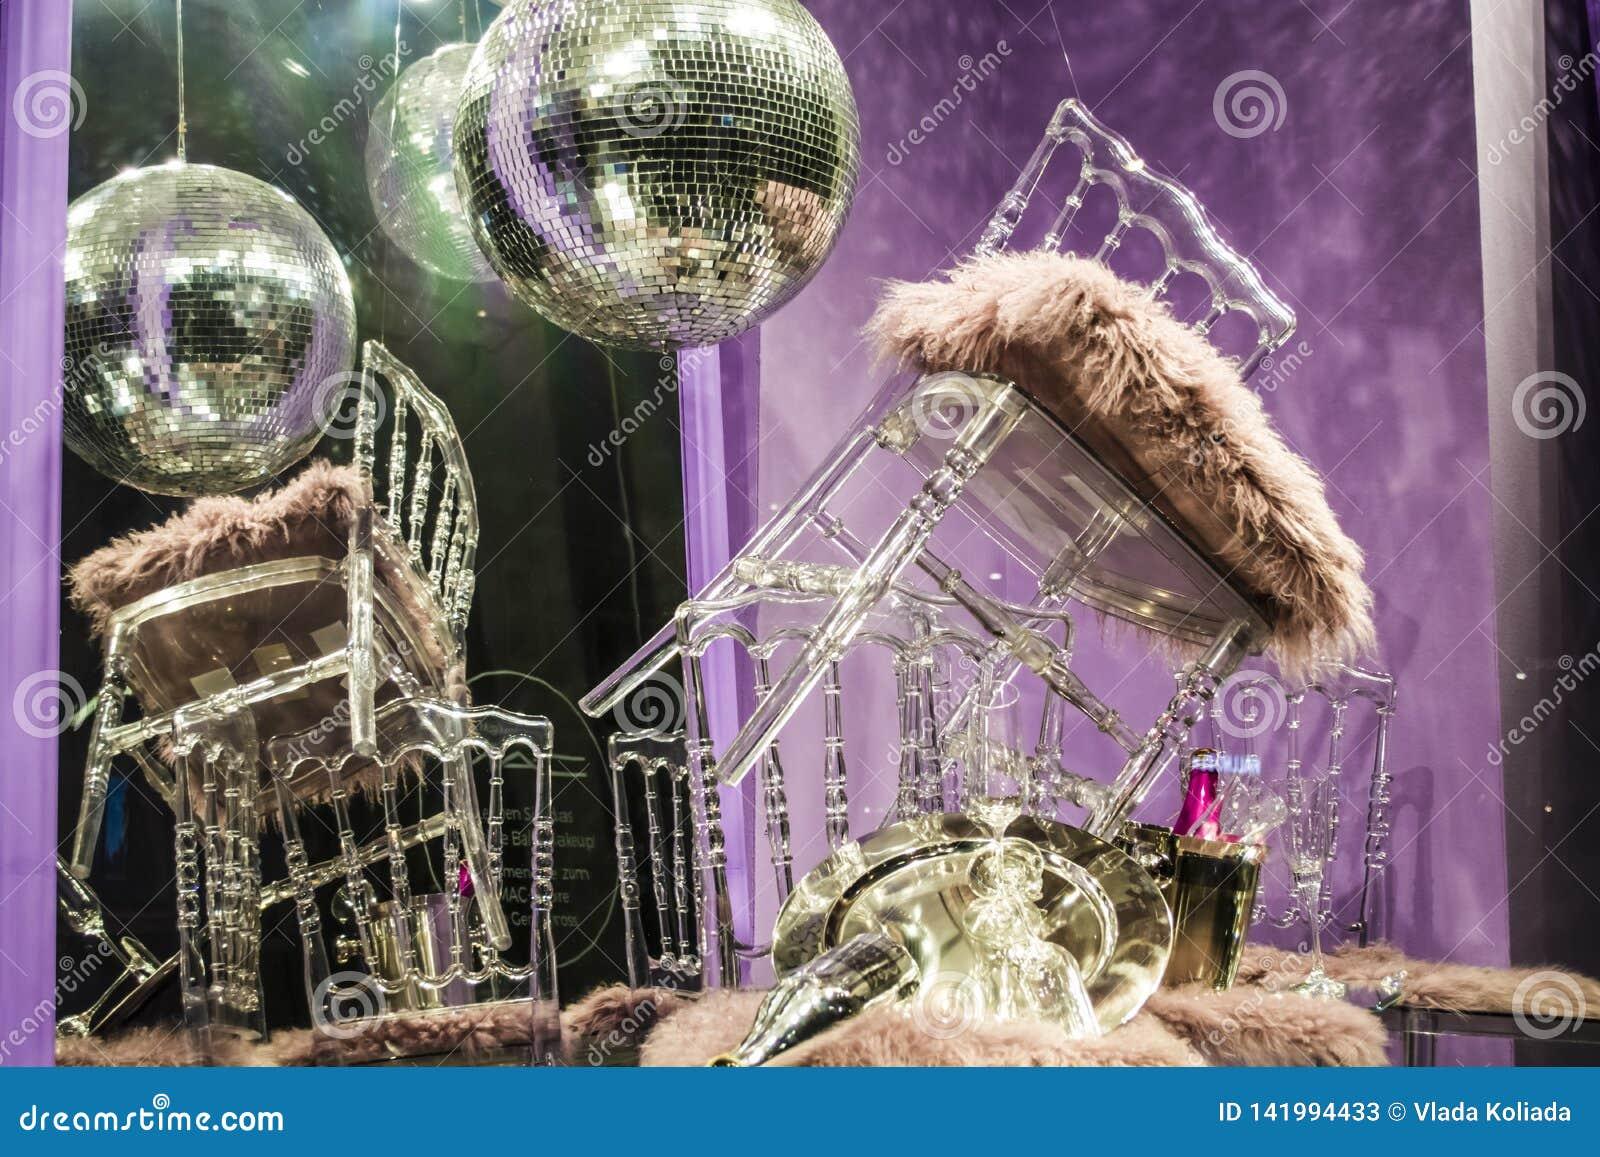 De verspreide stoelen en de glazen, champagneflessen expositie Decoratief show-venster Roze kleuren Ongebruikelijk besluit chaos